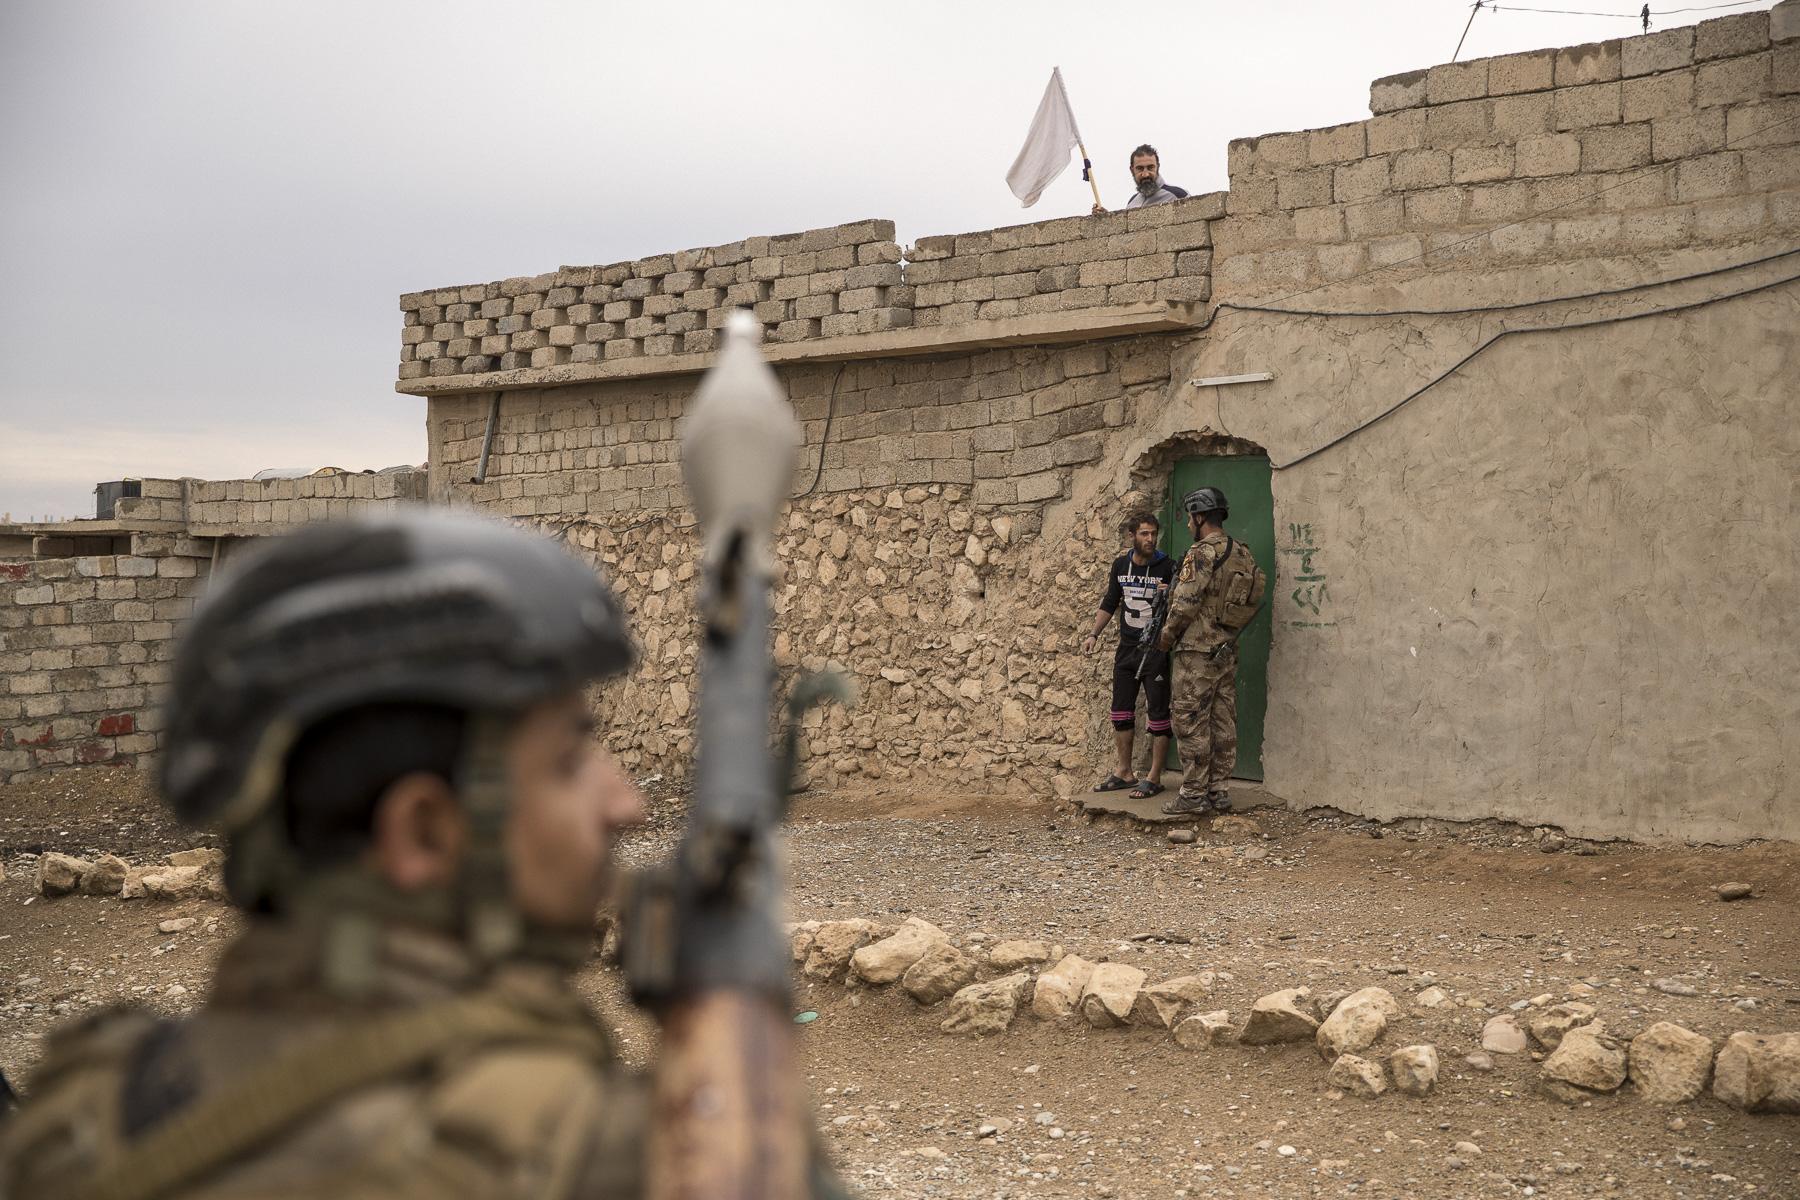 Mercredi 2 Novembre, Le bataillon 1 du ICTS du Colonel Mohanet sécurise le quartier de Gagjali, dans Mossul. Ils découvrent des armes de Daech dans une voiture, arrêtent des personnes suspectés d'appartenir à Daech, quand nous sommes pris à parti par des tireurs embusqués, leur traque se termine dans les tranchées à la limite de la ville, tous les djahidistes sont tués, à la grenade et au fusil d'assaults. Des réfugiés des quartier plus à l'ouest affluent vers les lignes de l'armée iraquienne (Golden Division), et visite des généraux en première ligne. Interrogatoir d'un homme suspecté d'être un artificié de Daech.Photos prisent le 2 Novembre 2016 et non le premier comme indiqué dans les champs IPTC